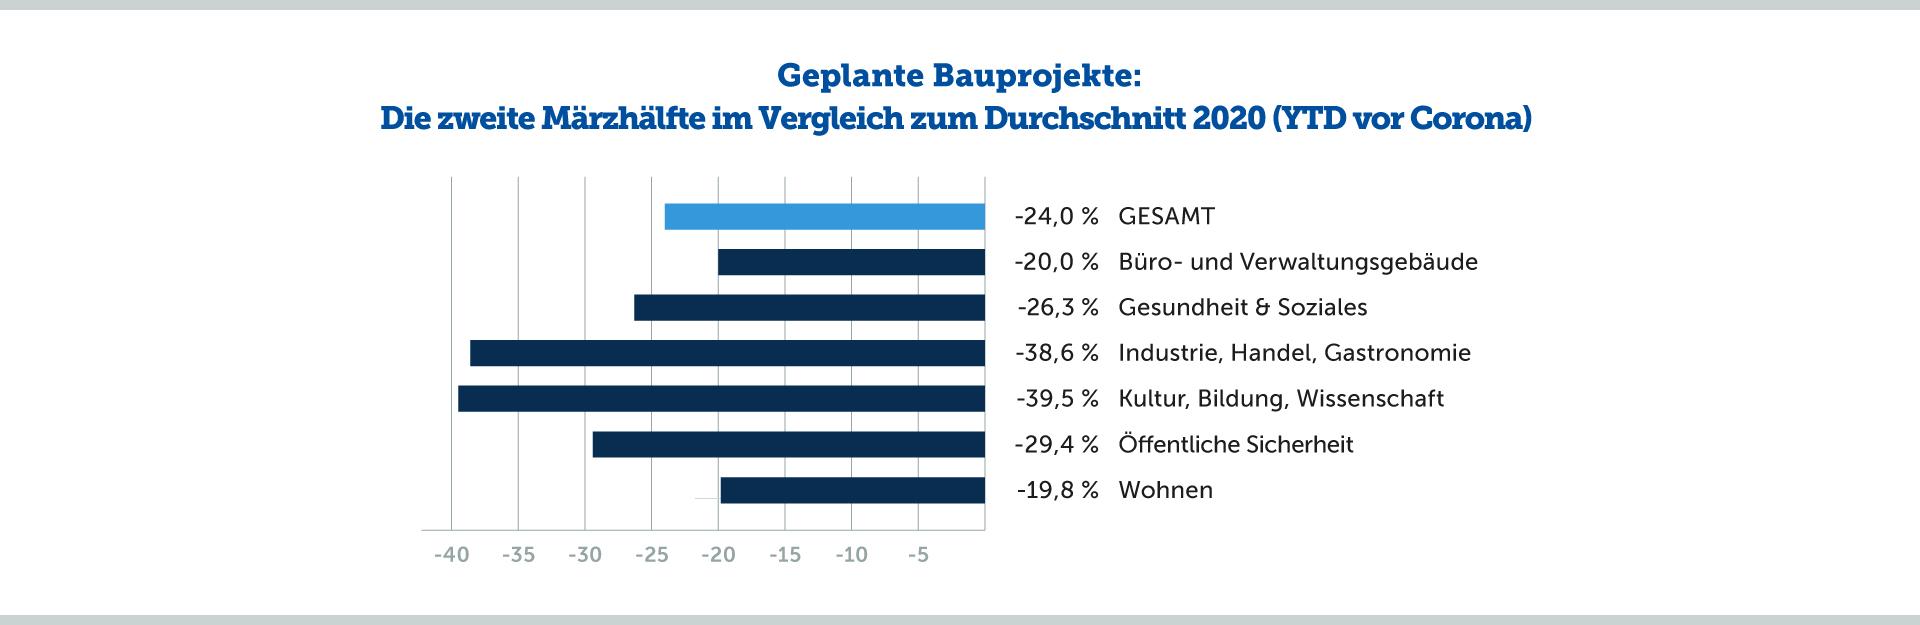 Geplante Bauprojekte: Die zweite Märzhälfte im Vergleich zum Durchschnitt 2020 (YTD vor Corona)